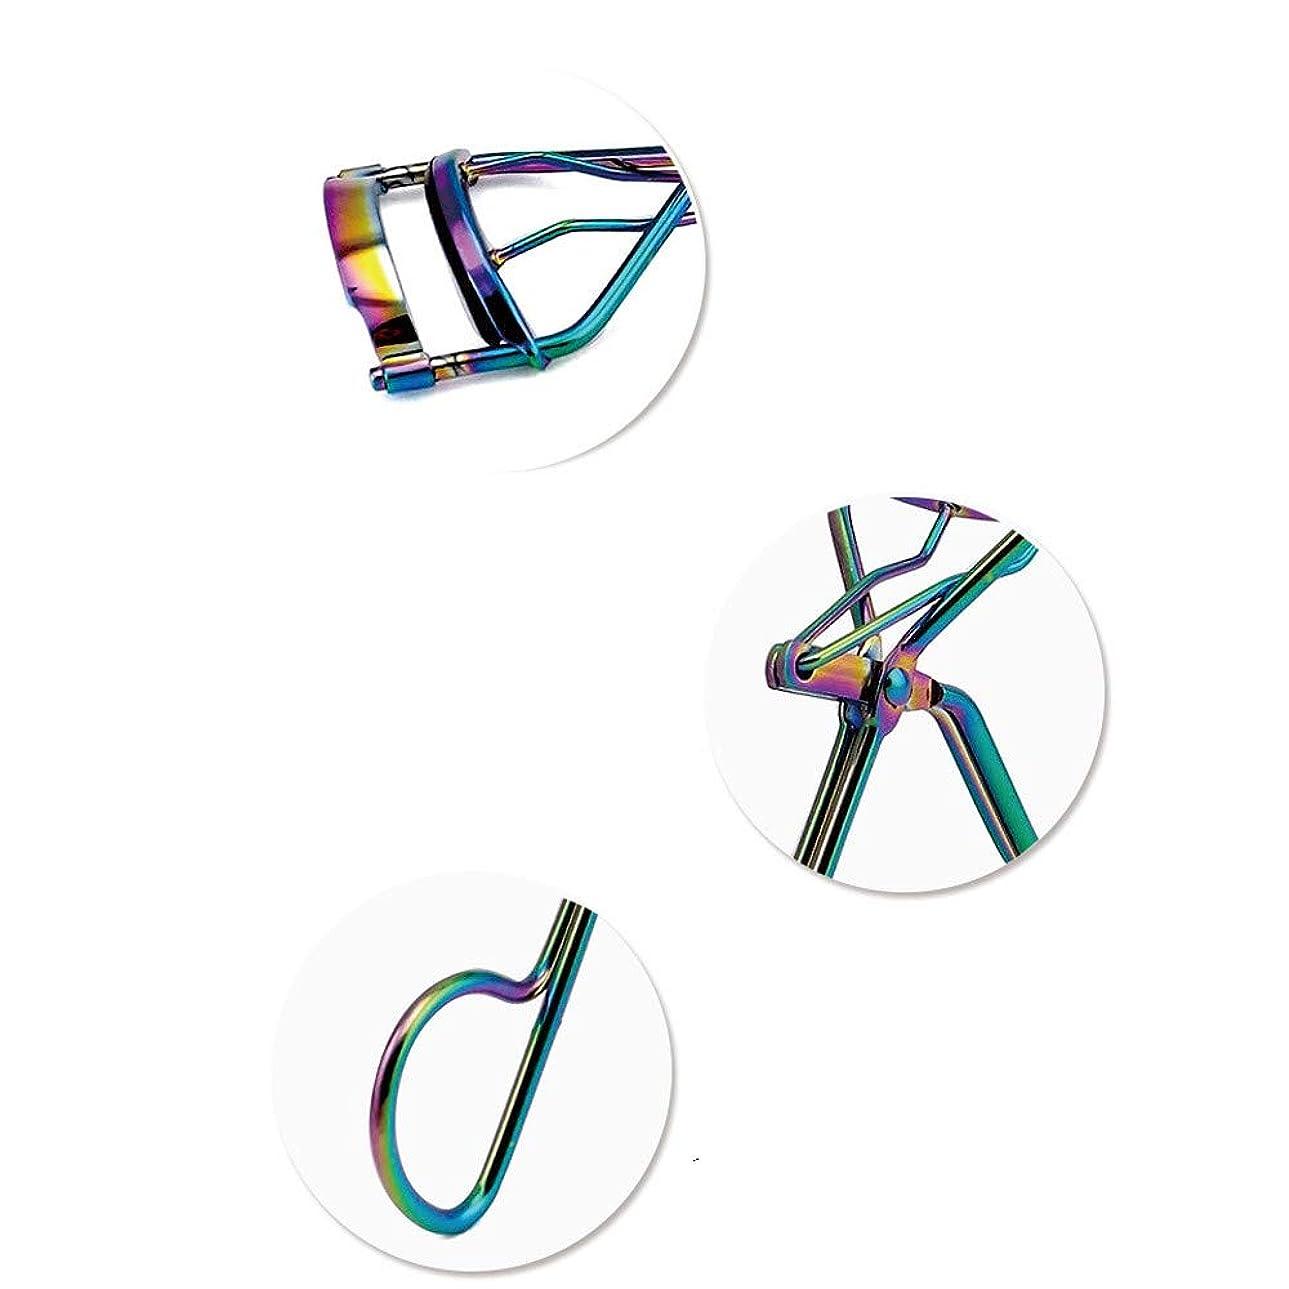 固める空虚曖昧なプロフェッショナルハンドルアイカーリングまつげカーラークリップ美容メイクツール新機能